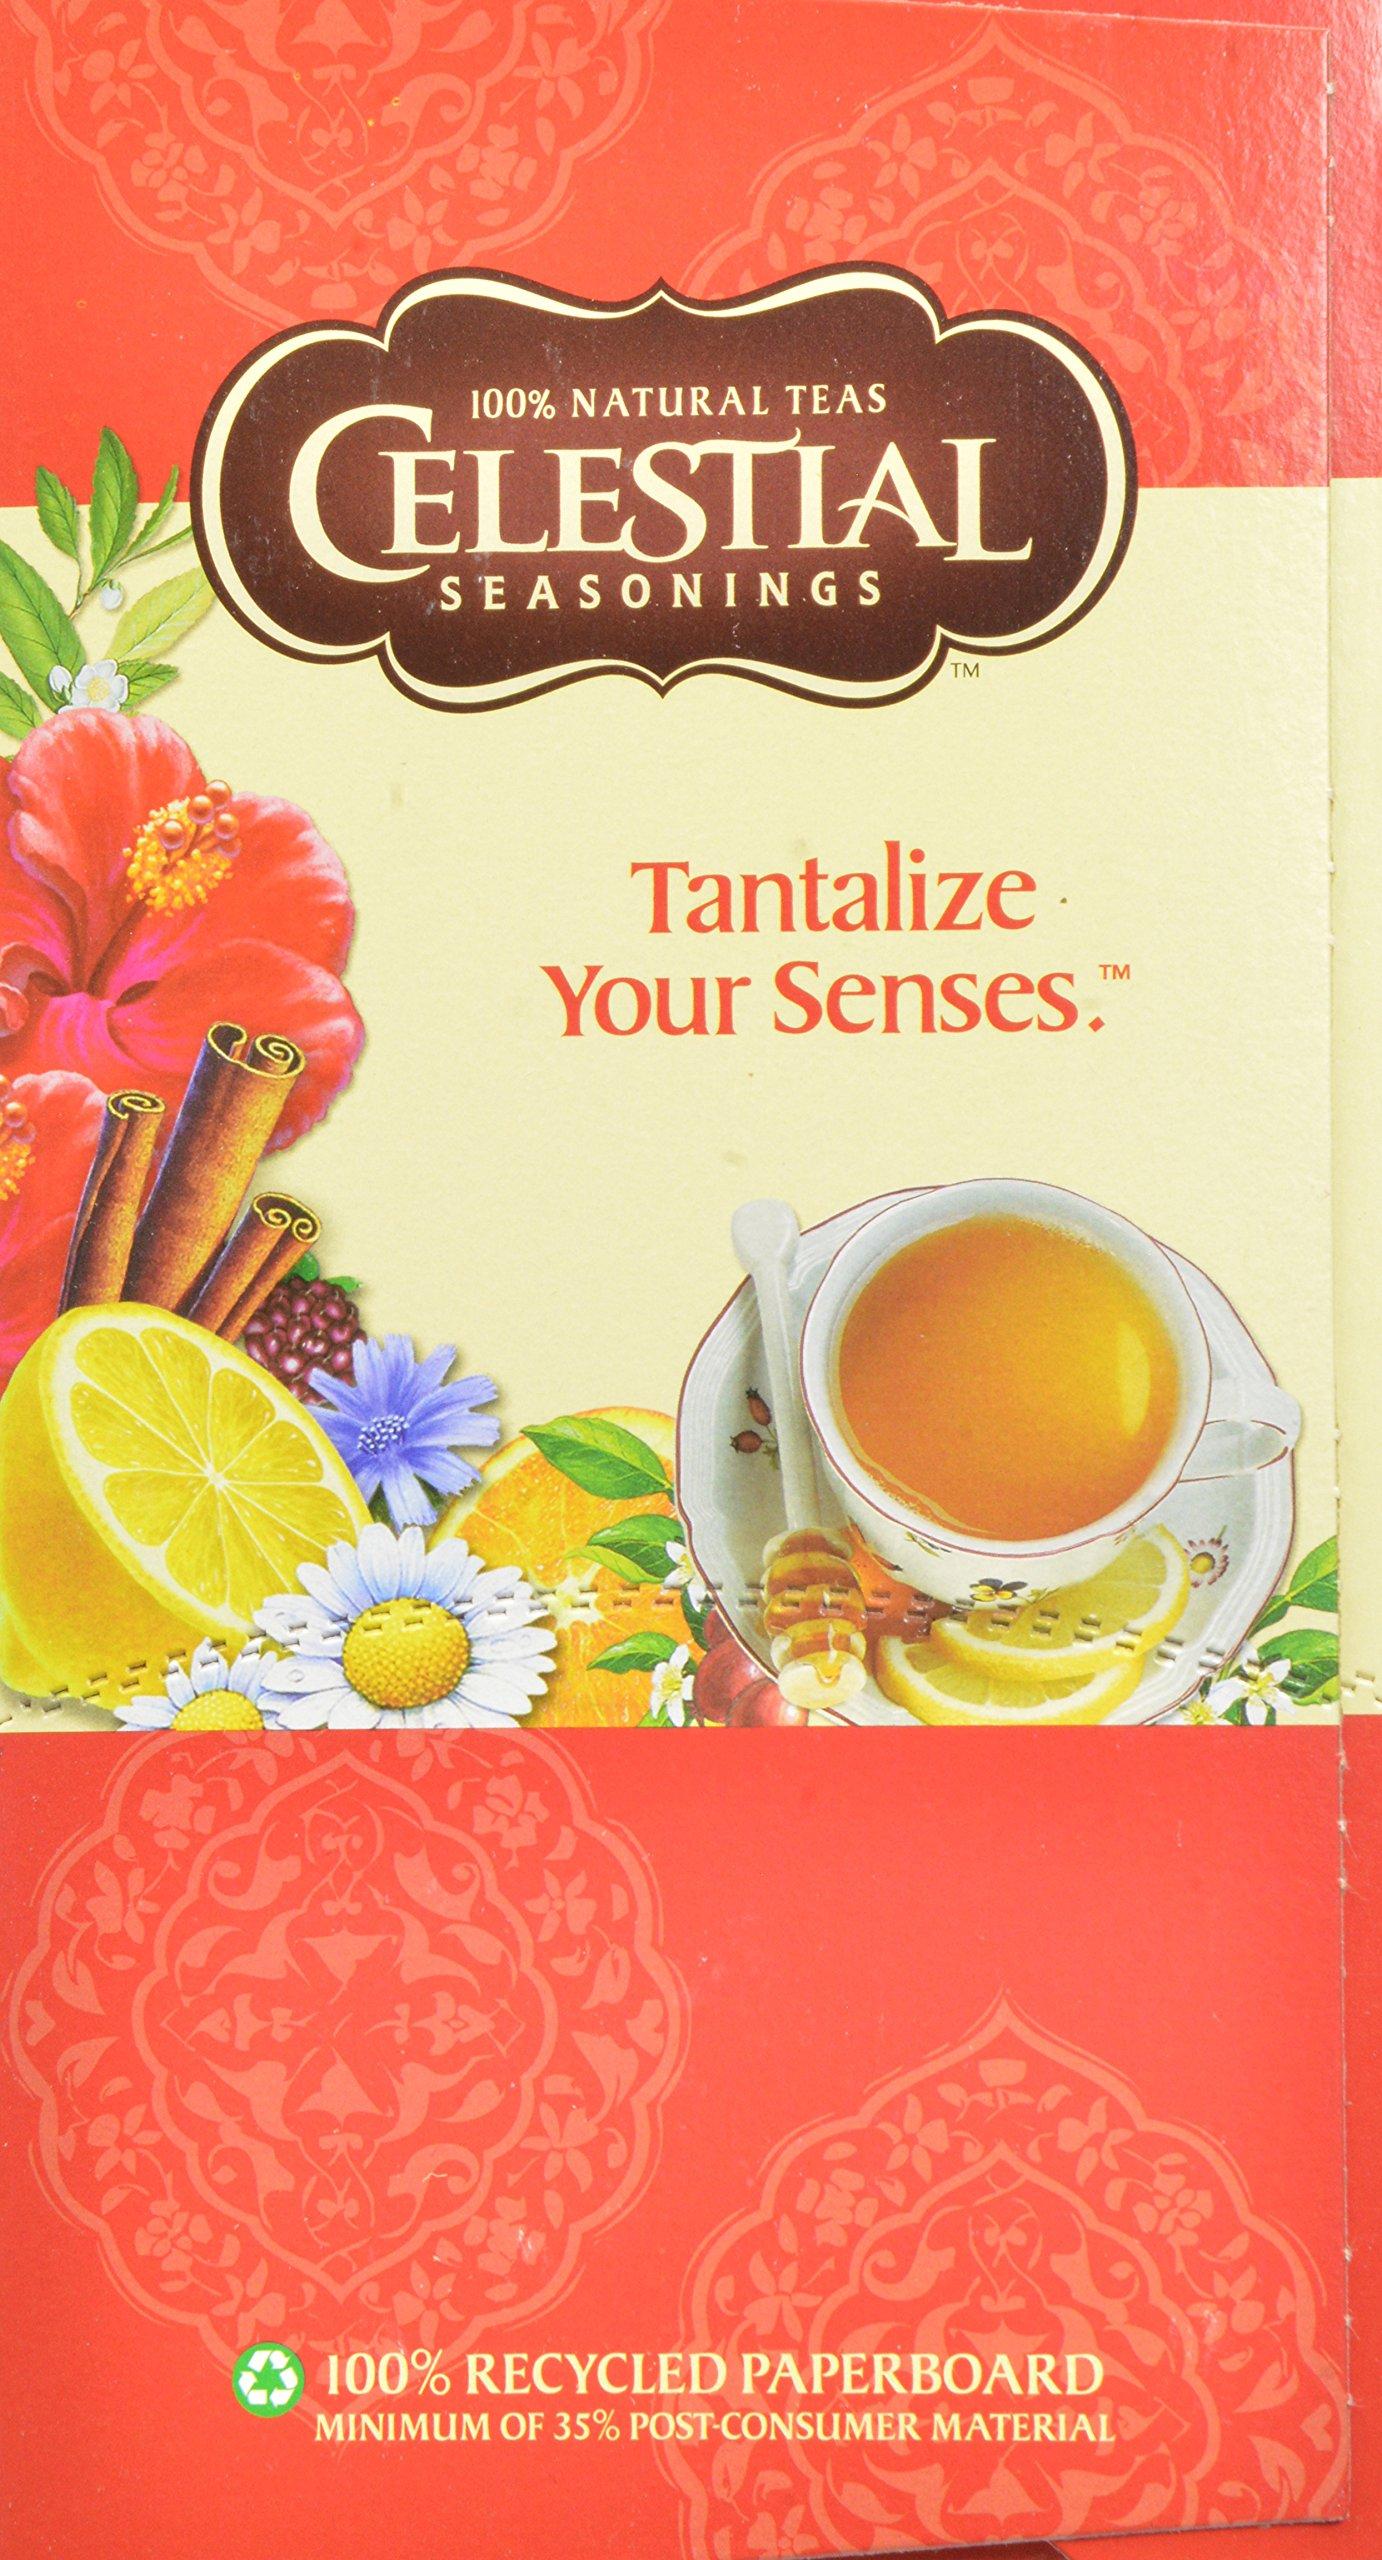 Celestial Seasonings Green Tea K-Cups, Authentic, 96-Count by Celestial Seasonings (Image #6)